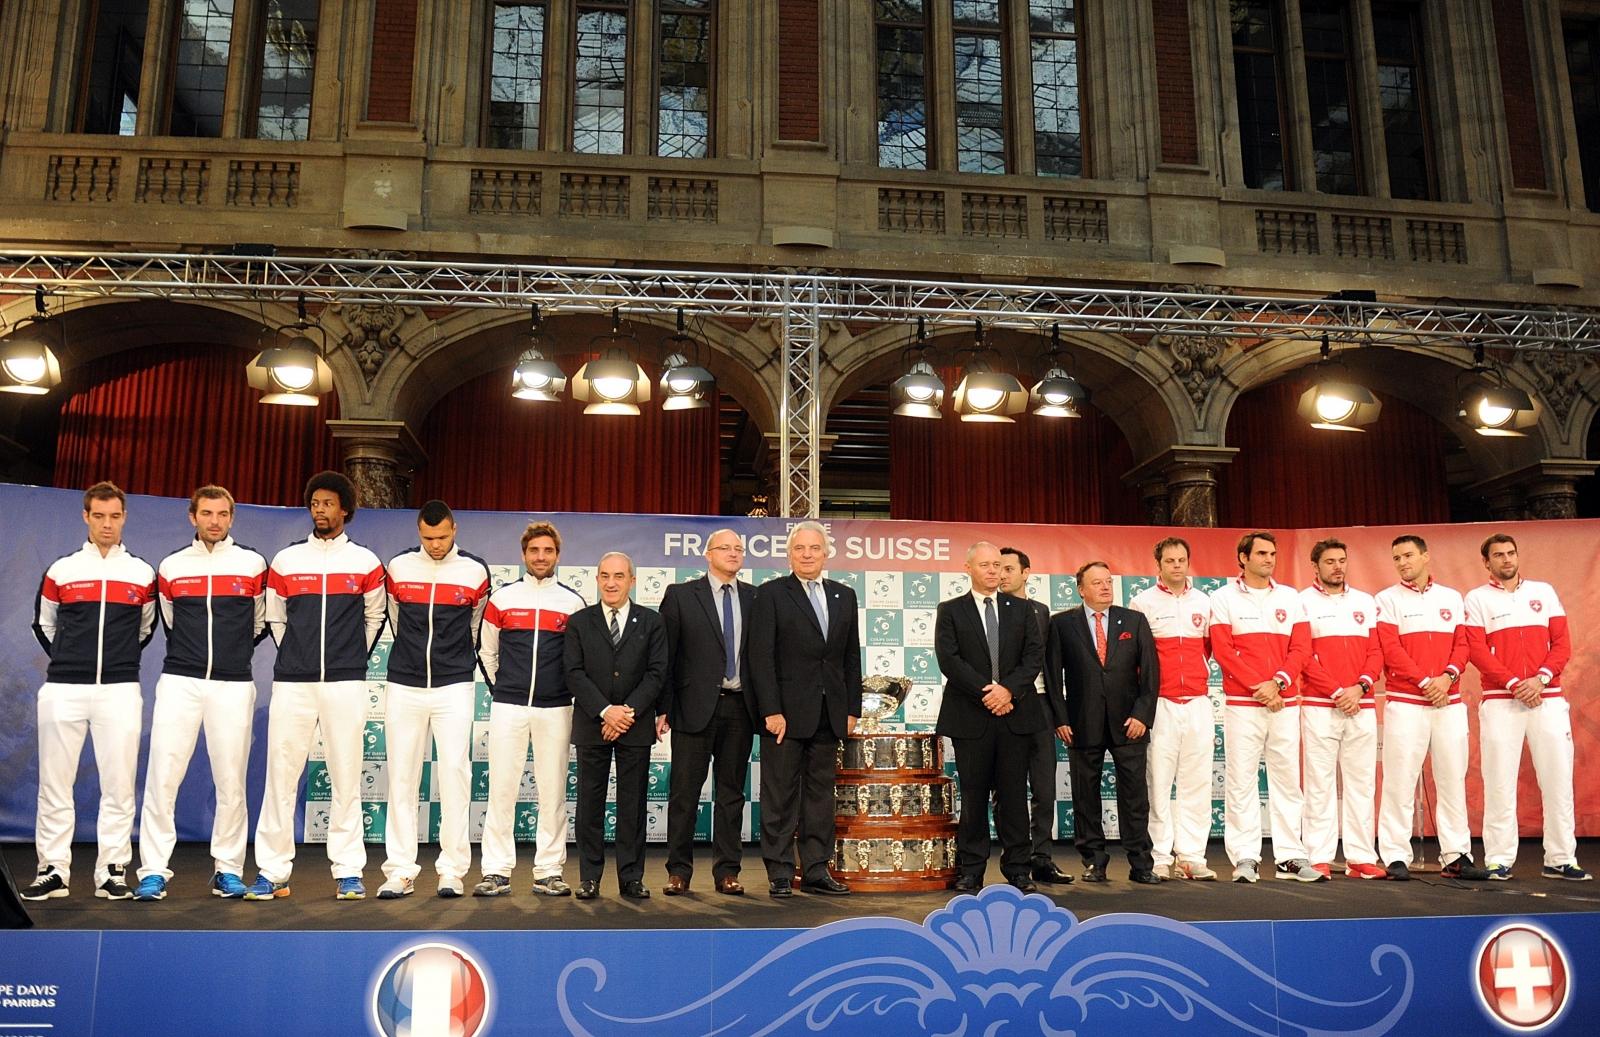 Davis Cup teams